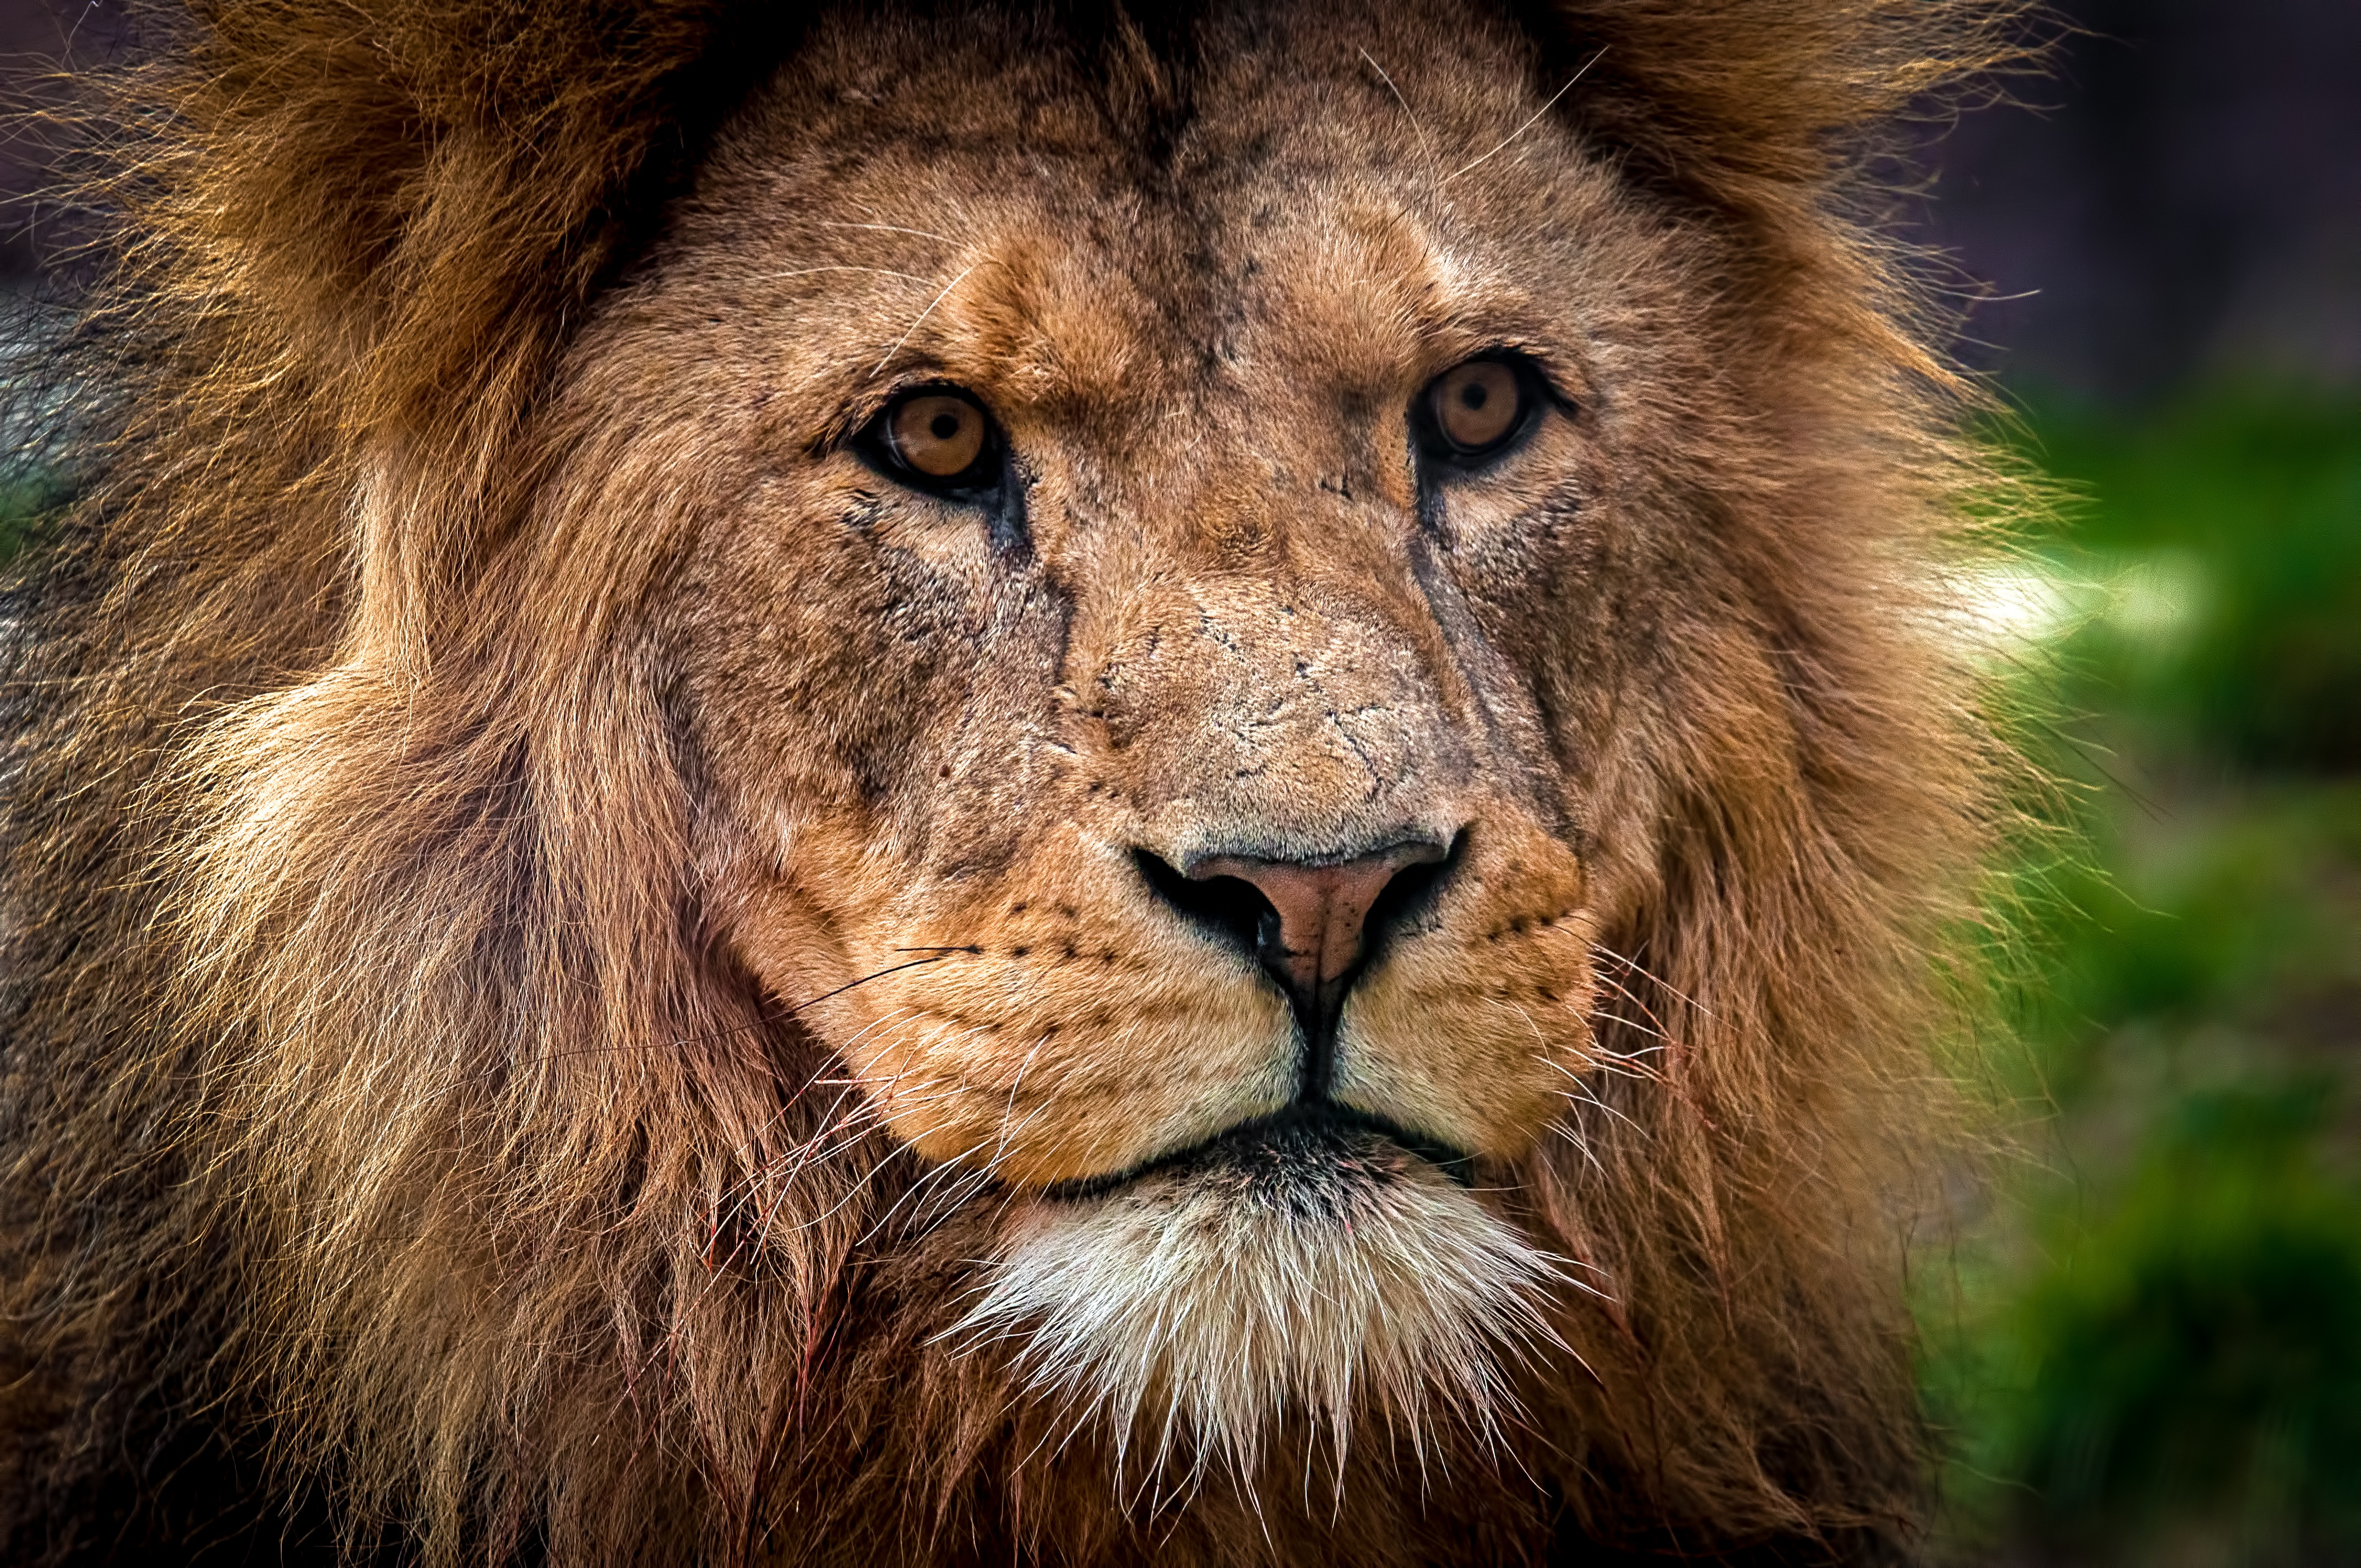 152488 baixar papel de parede Animais, Leão, Focinho, Fechar-Se, Close-Up, Um Leão, Predator, Predador, Rei Das Feras, Rei Das Bestas - protetores de tela e imagens gratuitamente